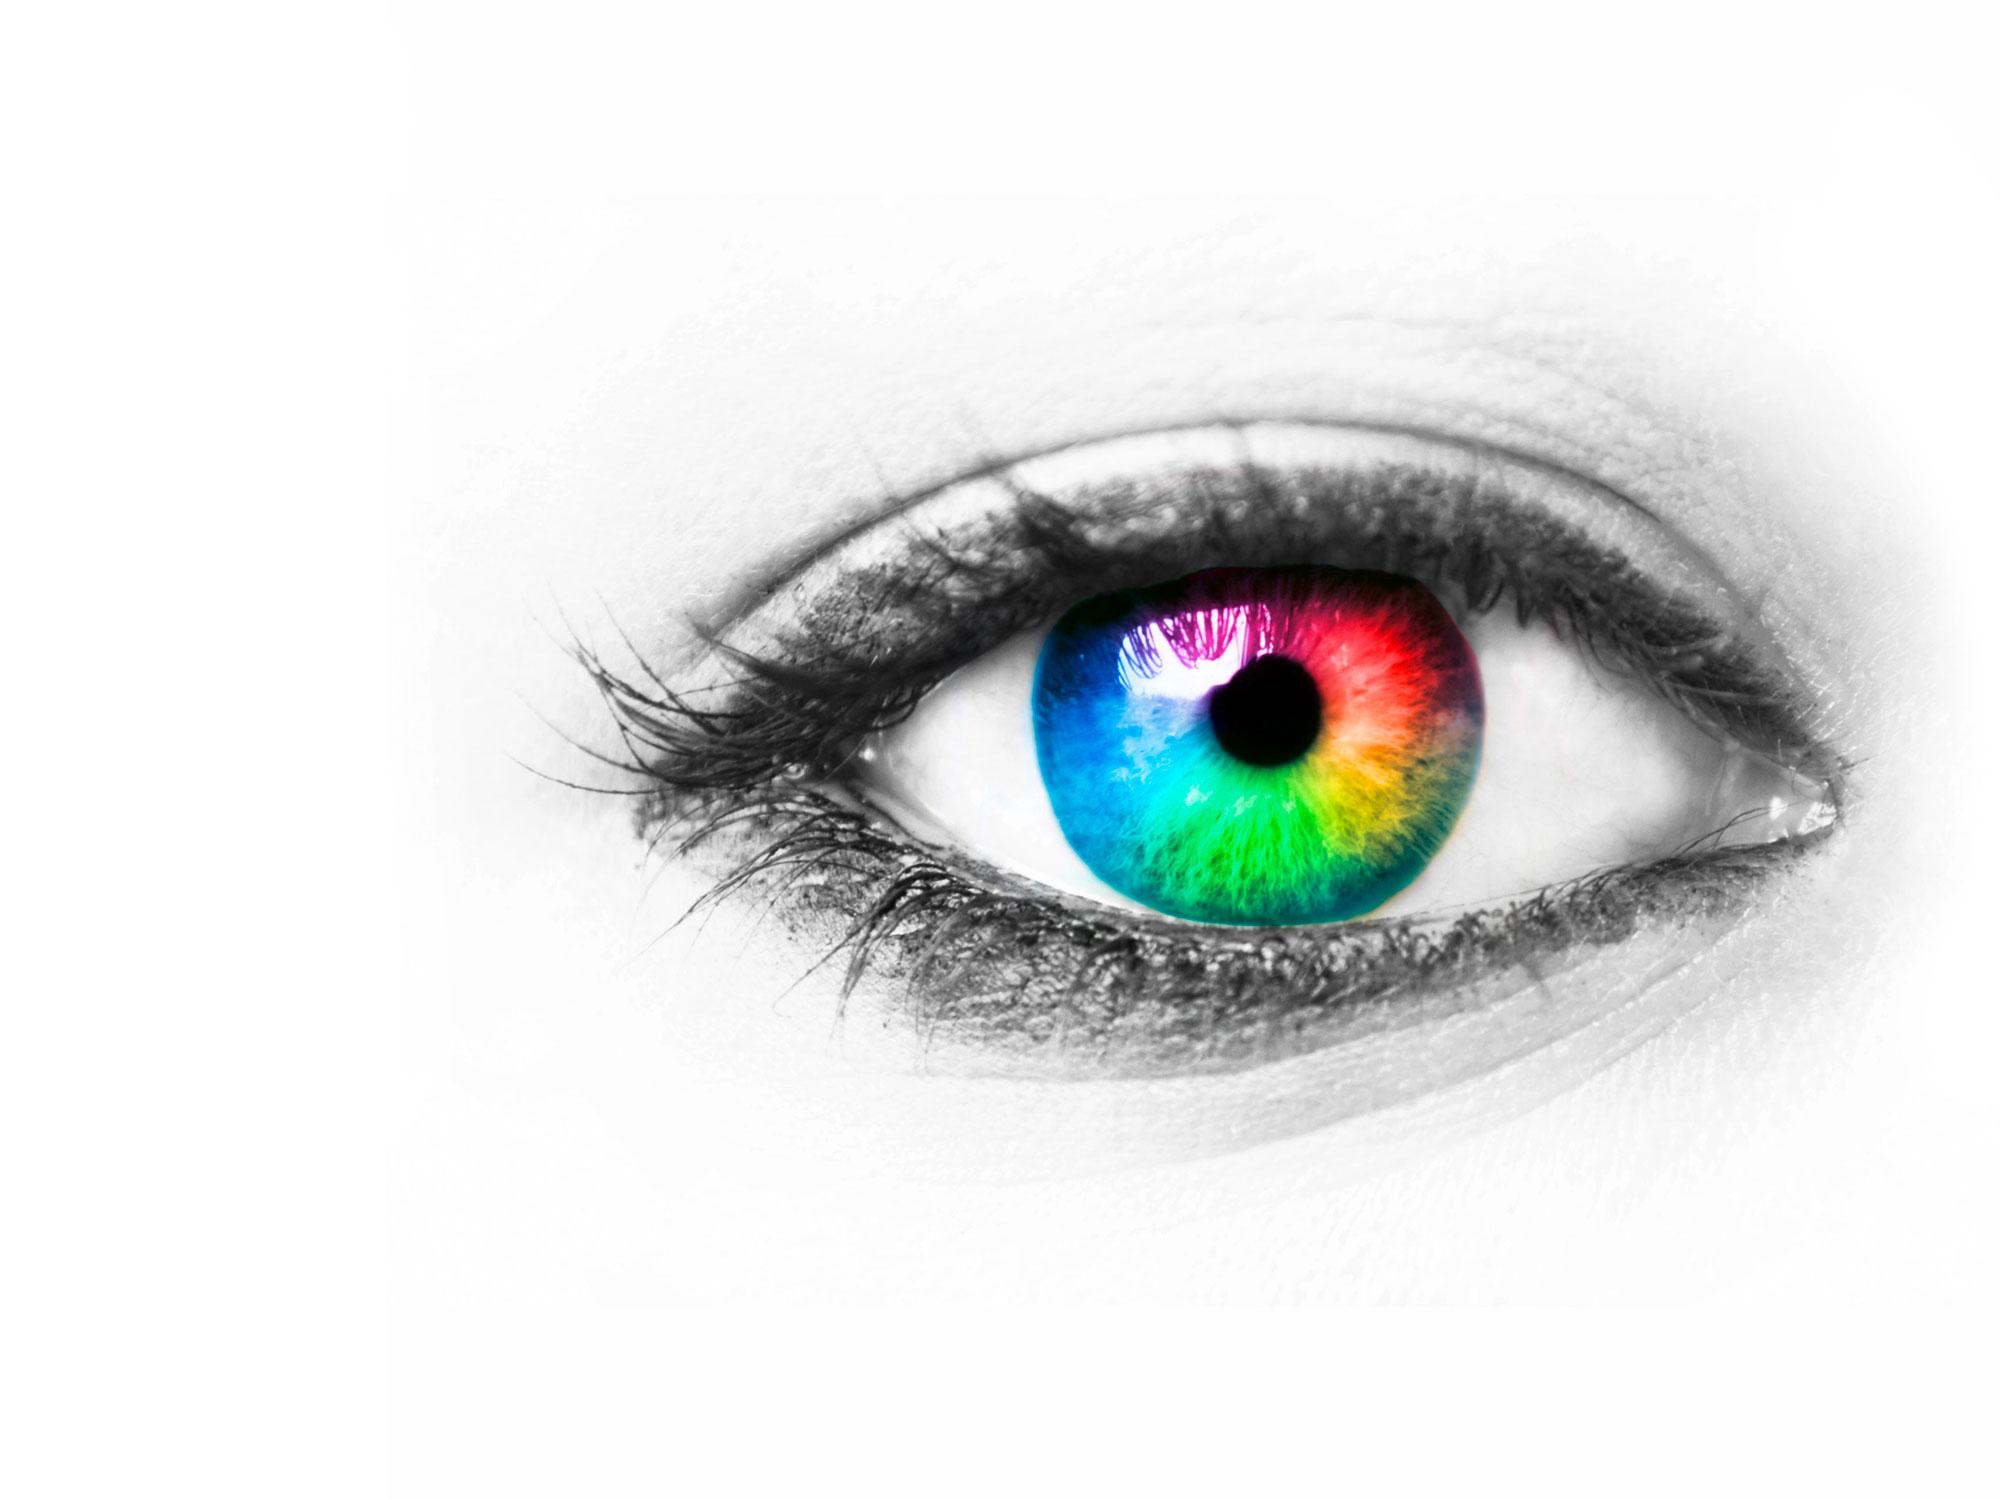 PVD Beschichtungen von INORCOAT - Die Schönheit liegt im Auge des Betrachters.